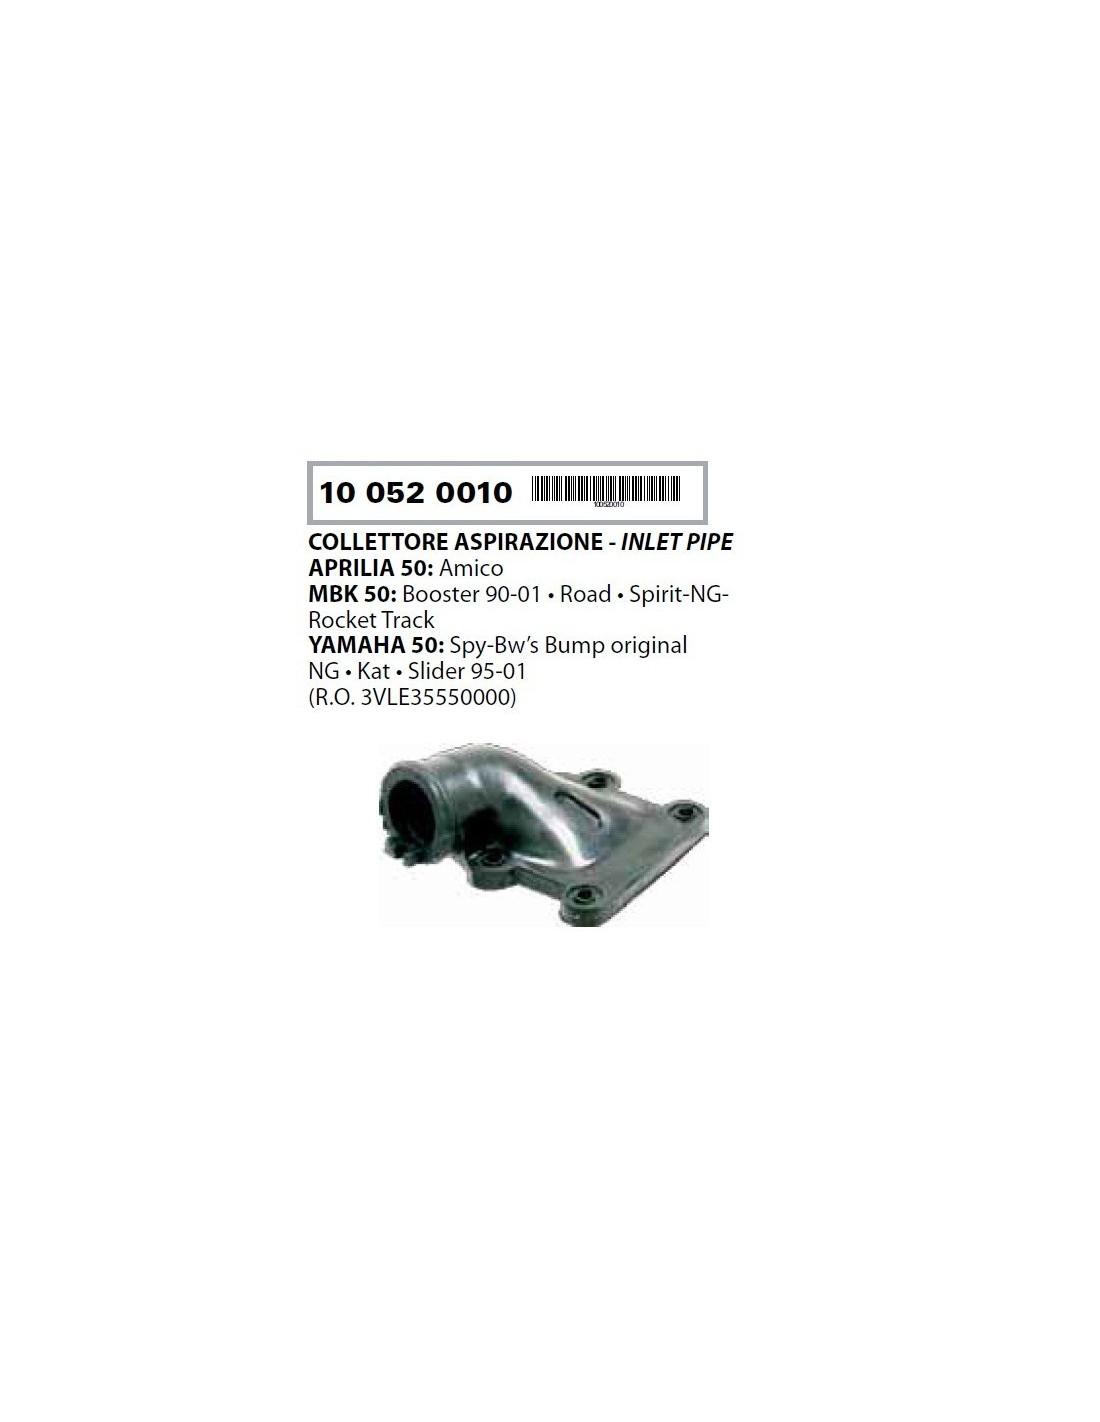 Vidrio pulido Indutherm derecho para bmw 7er f01 f02 f03 f04 09-15